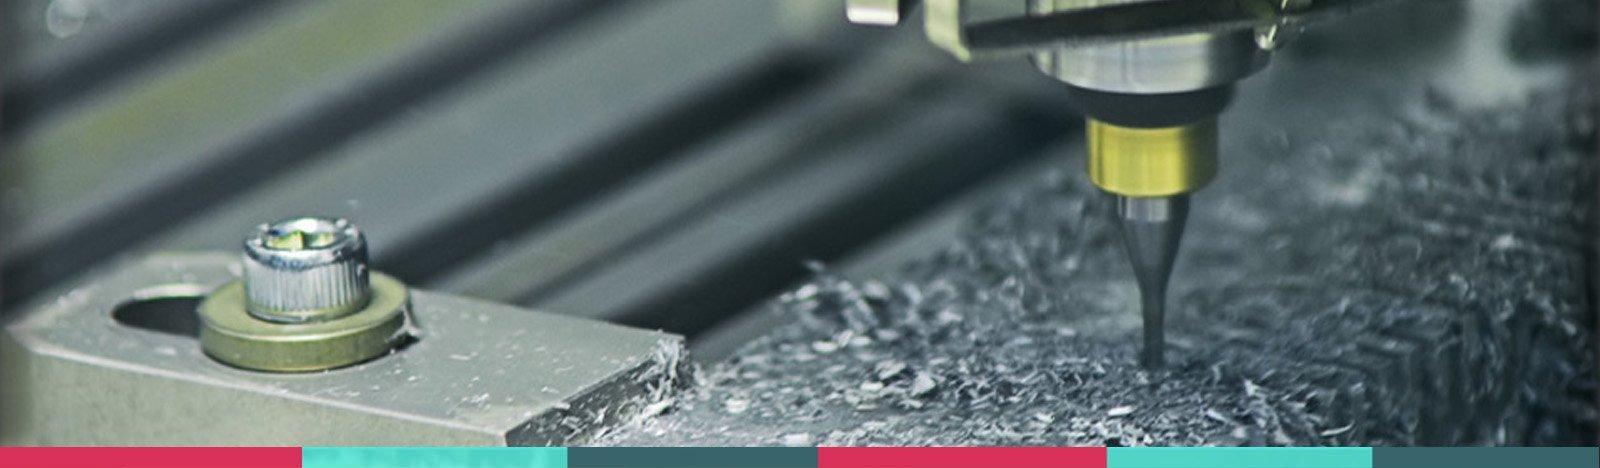 CNC Router Cutting - PrecisionCuttings.com